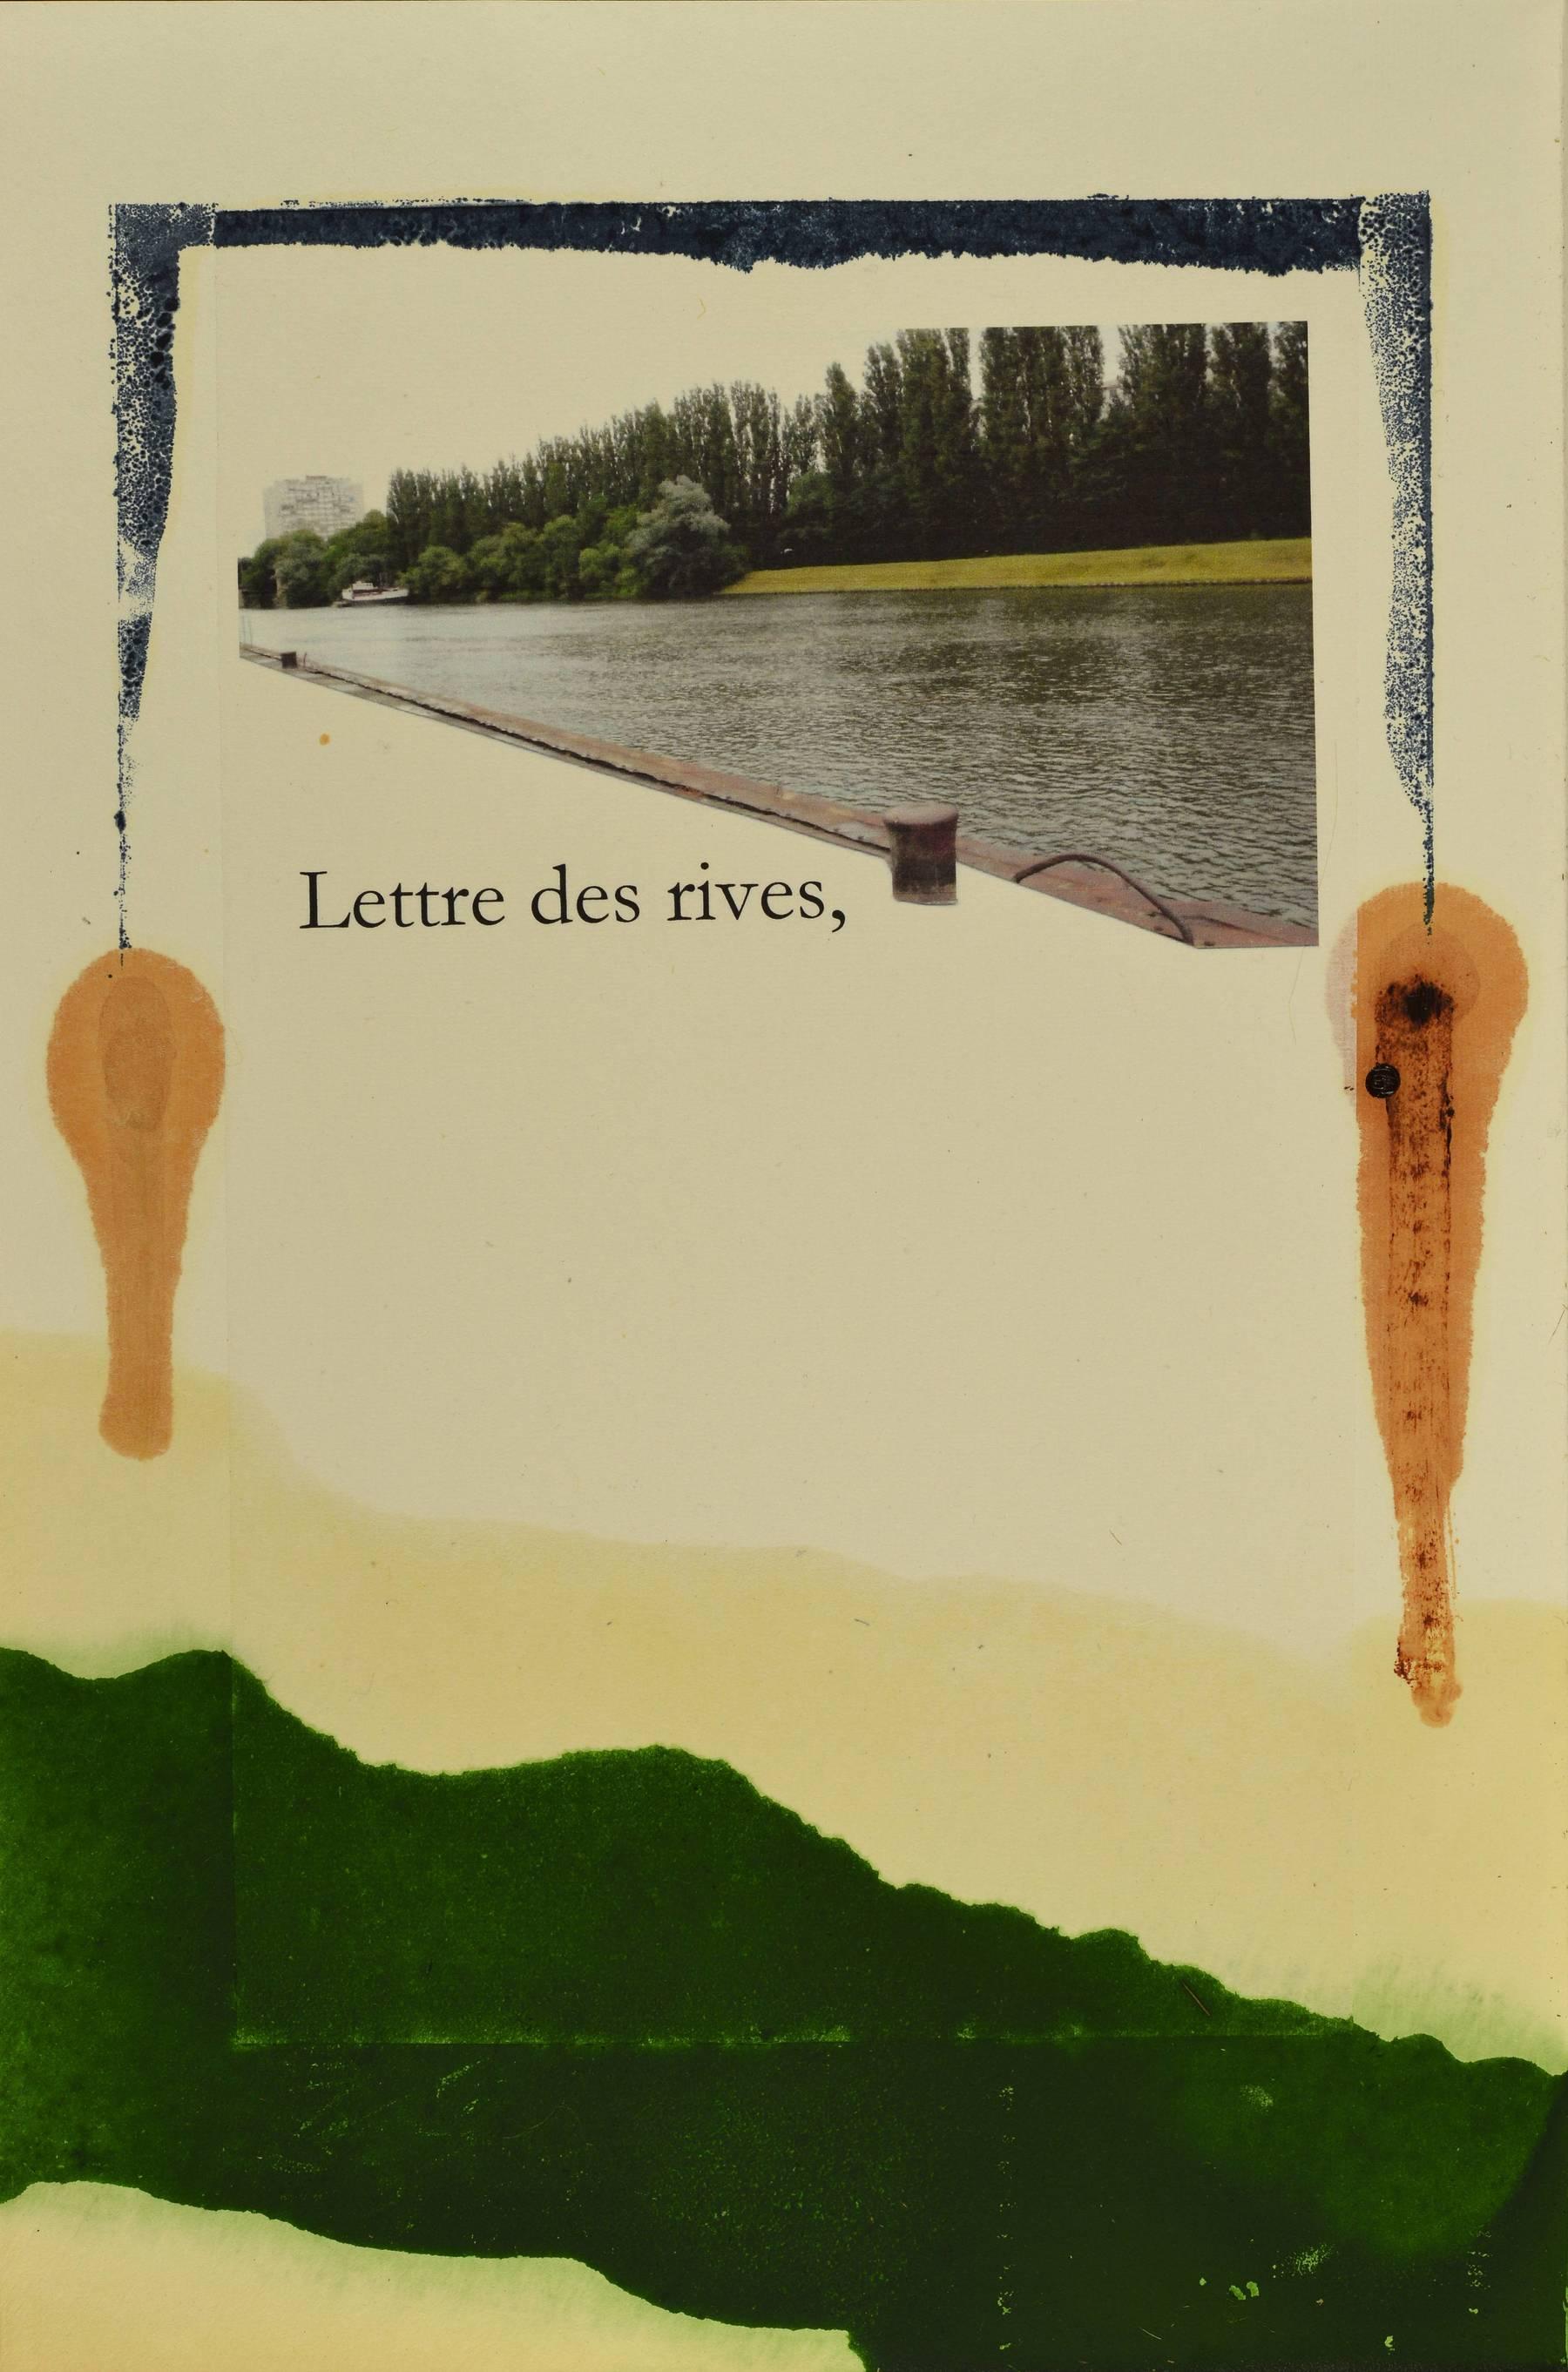 Contenu du Lettre des rives